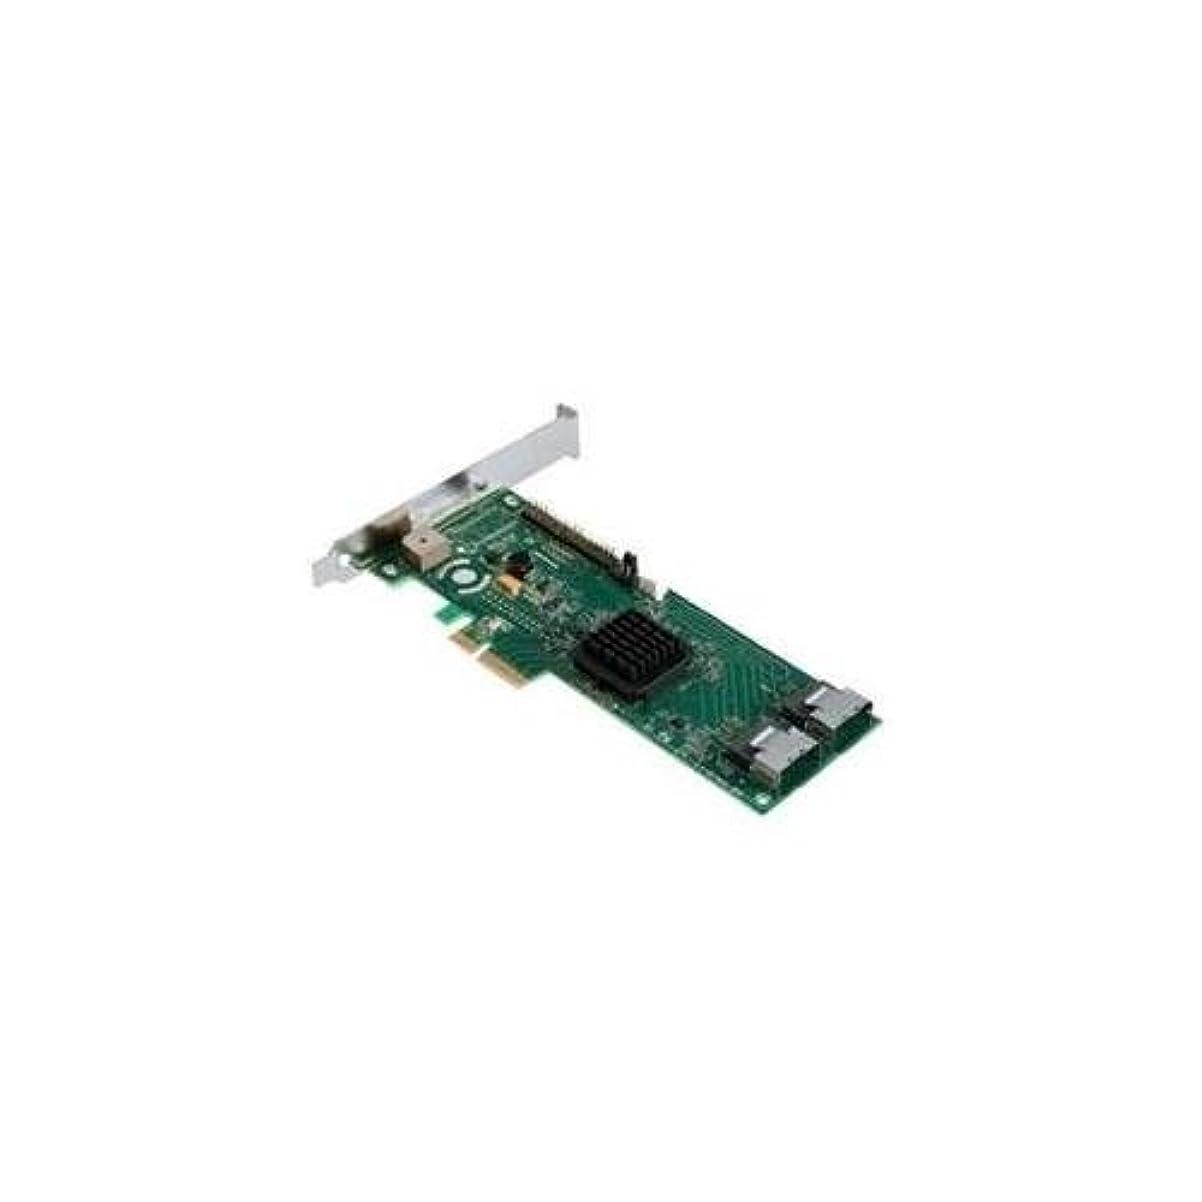 蓄積するブロンズコンテンツインテルaxxrpfkde2 Raidドライブ暗号化管理Single 6 G Roc小売